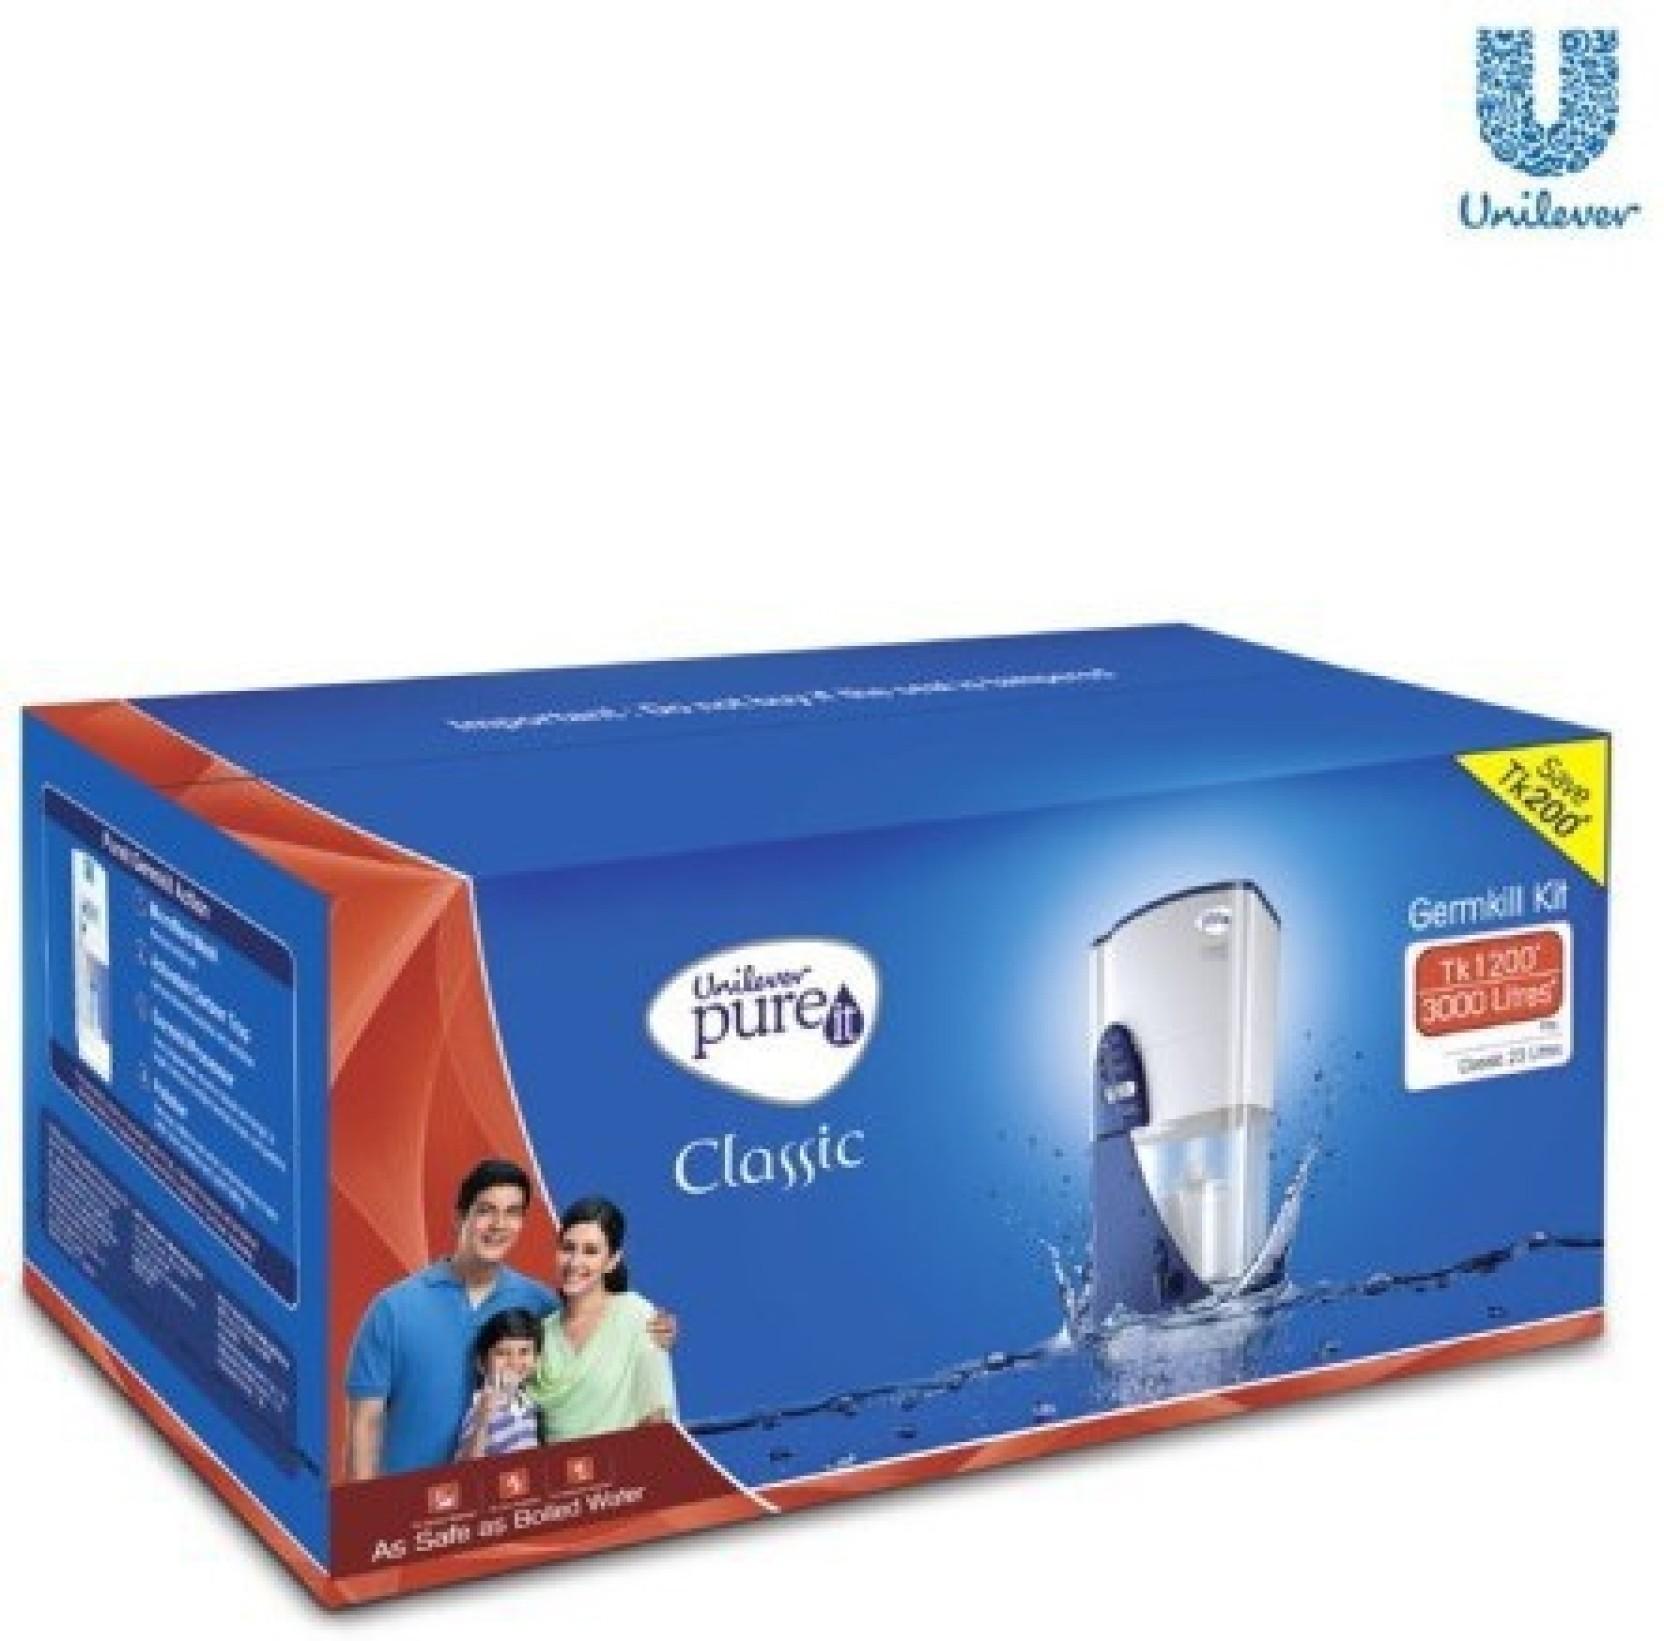 Pureit Germ Kill Kit Filter Air Classic 9l 3000l Daftar Update Water Purifier Jual Germkill Jd Id Source 23 L Gravity Based Compare